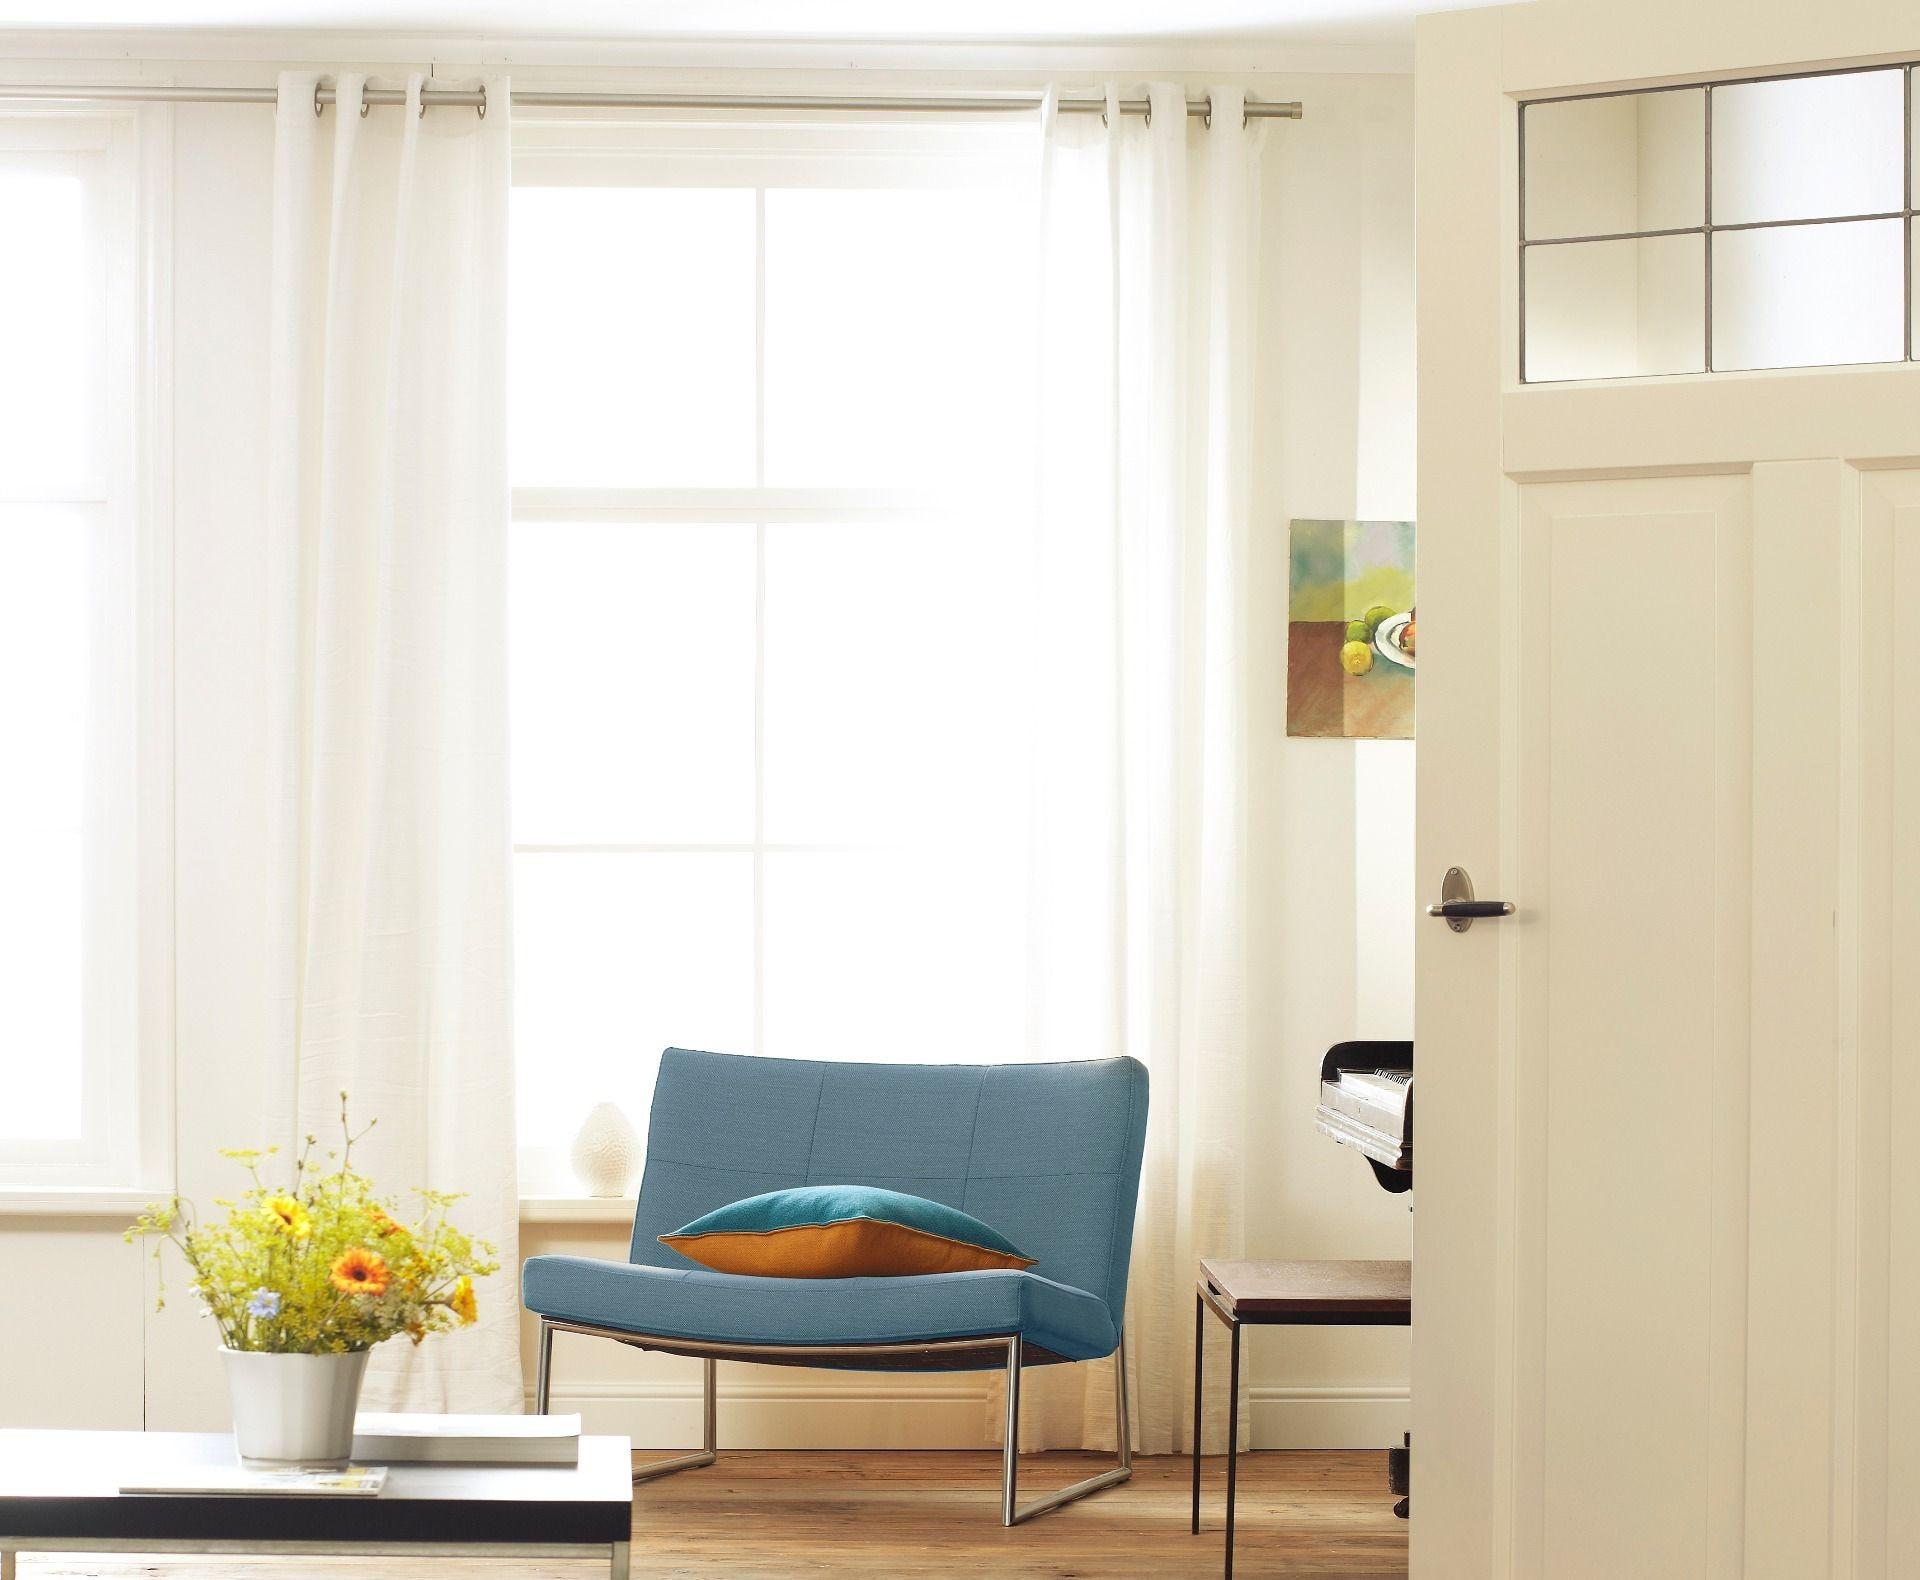 Klassieke Interieur Accessoires : Je binnendeuren aflakken zodat ze matchen met je interieur lundia.nl